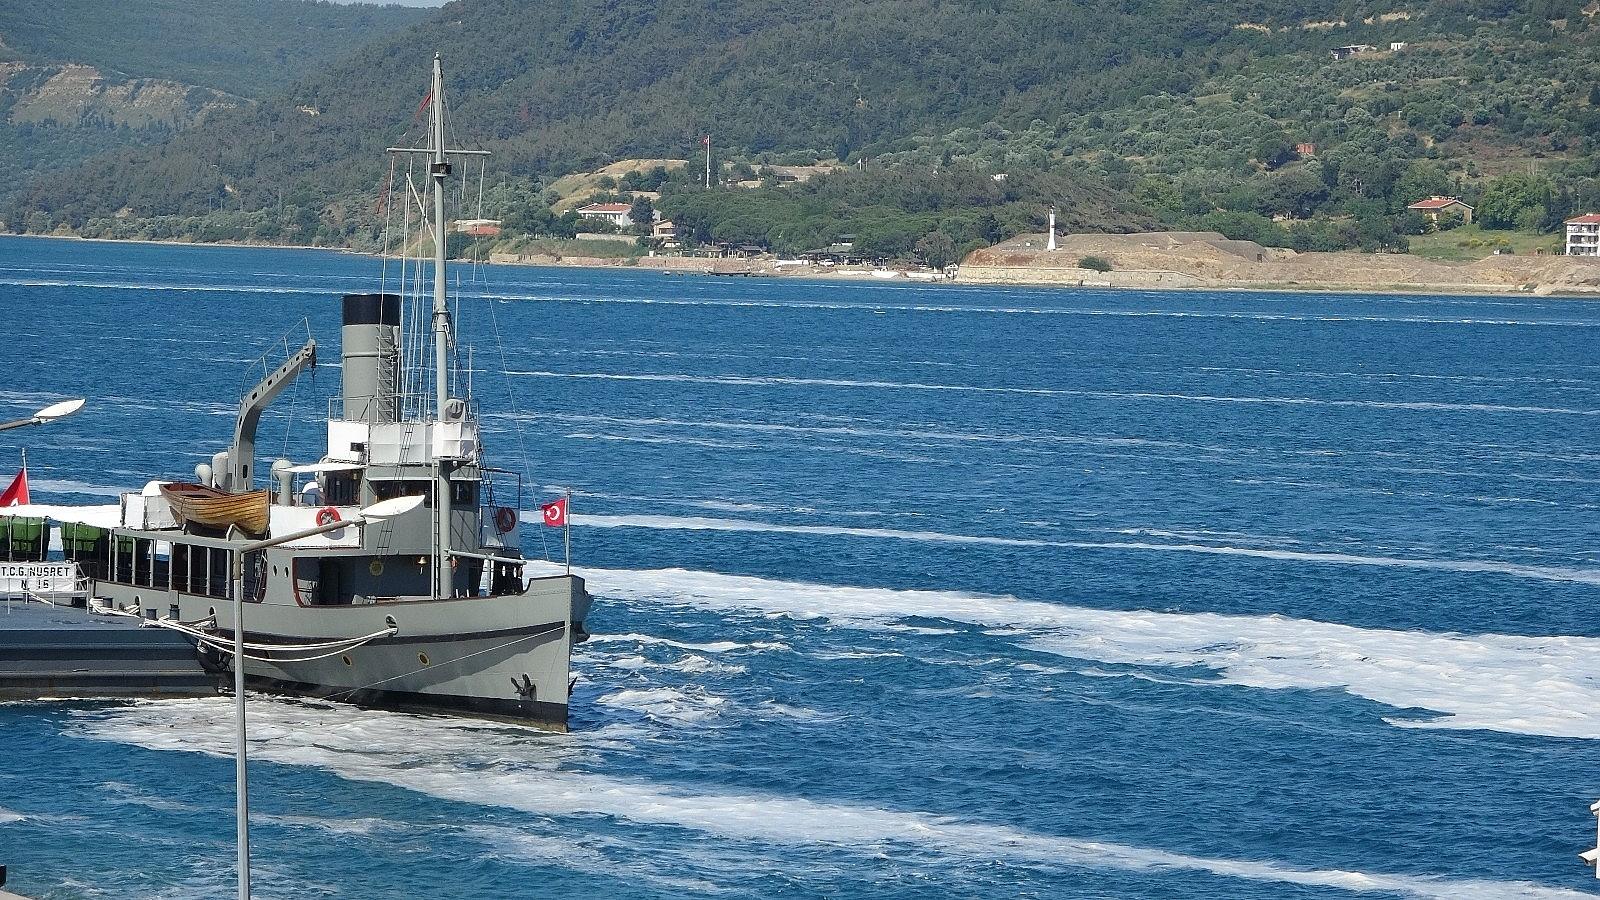 2021/06/canakkalede-deniz-salyasi-kabusu-suruyor-20210609AW34-2.jpg